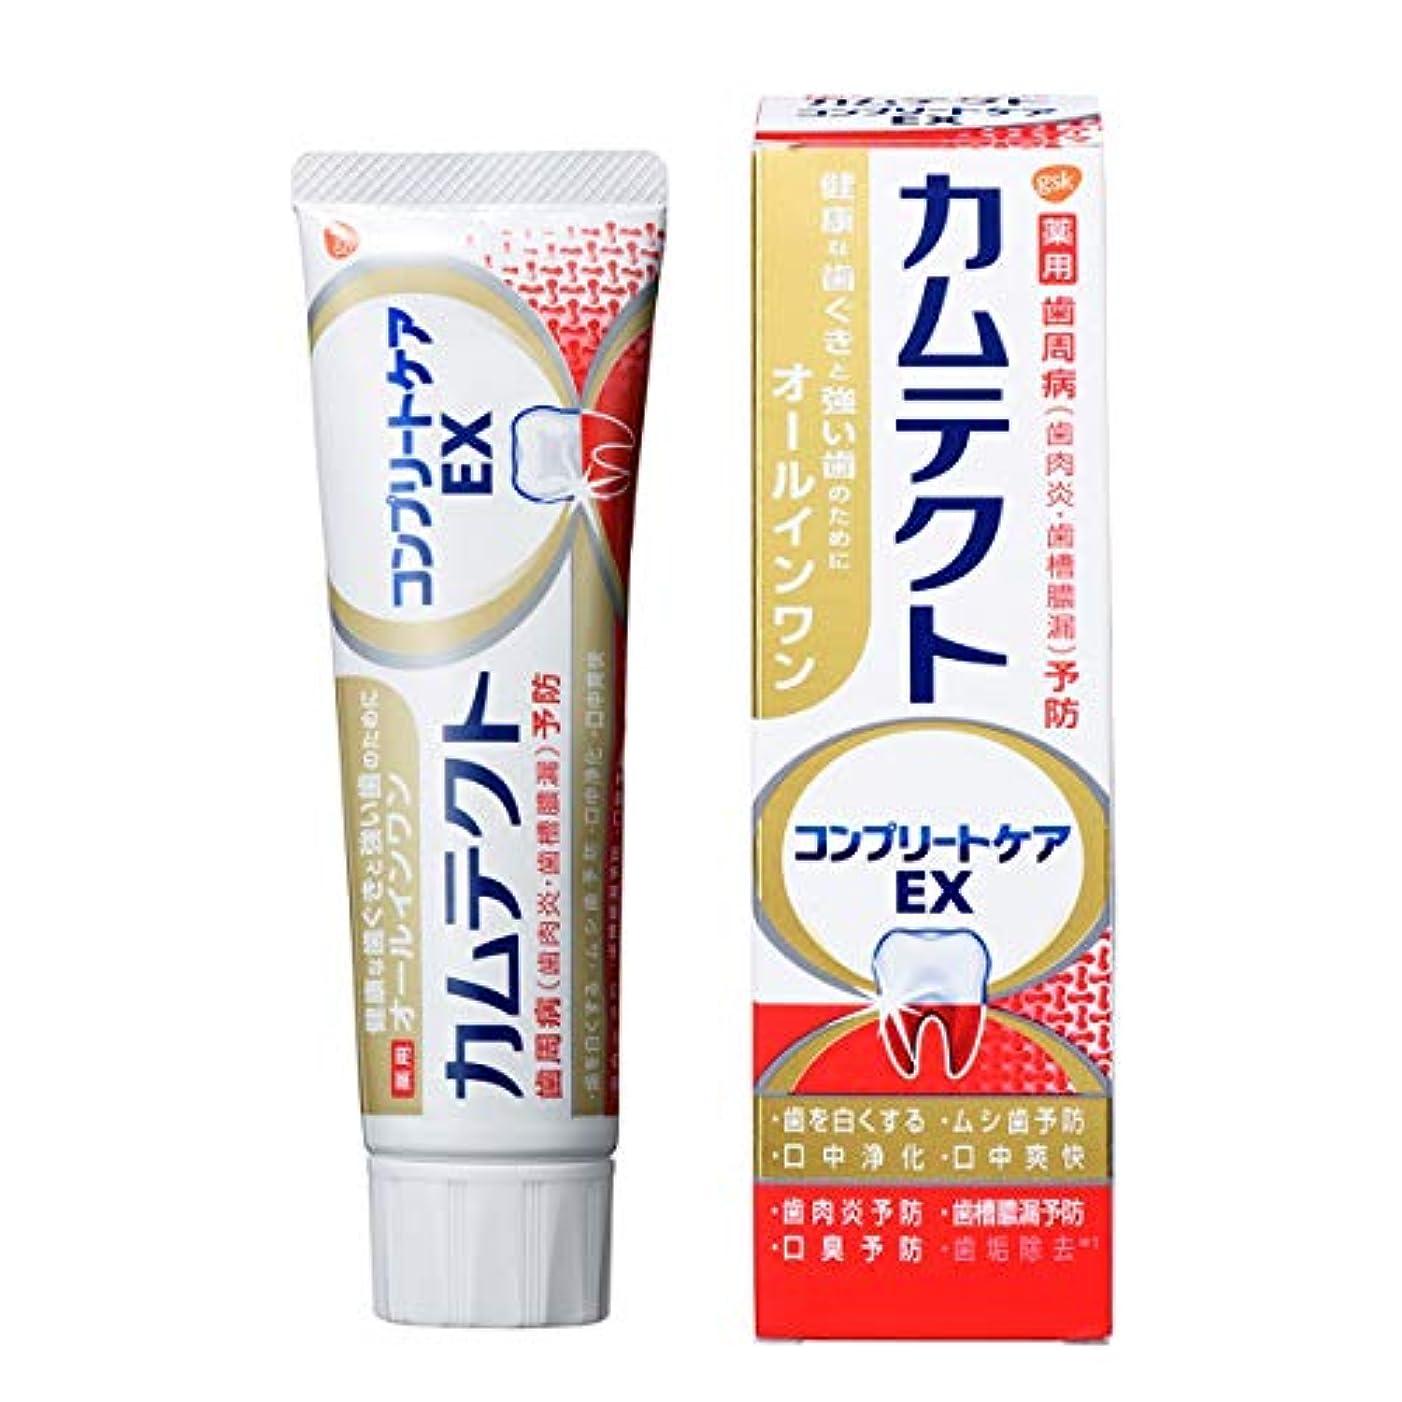 転倒浪費ブローホールカムテクト コンプリートケアEX 歯周病(歯肉炎?歯槽膿漏) 予防 歯磨き粉 105g